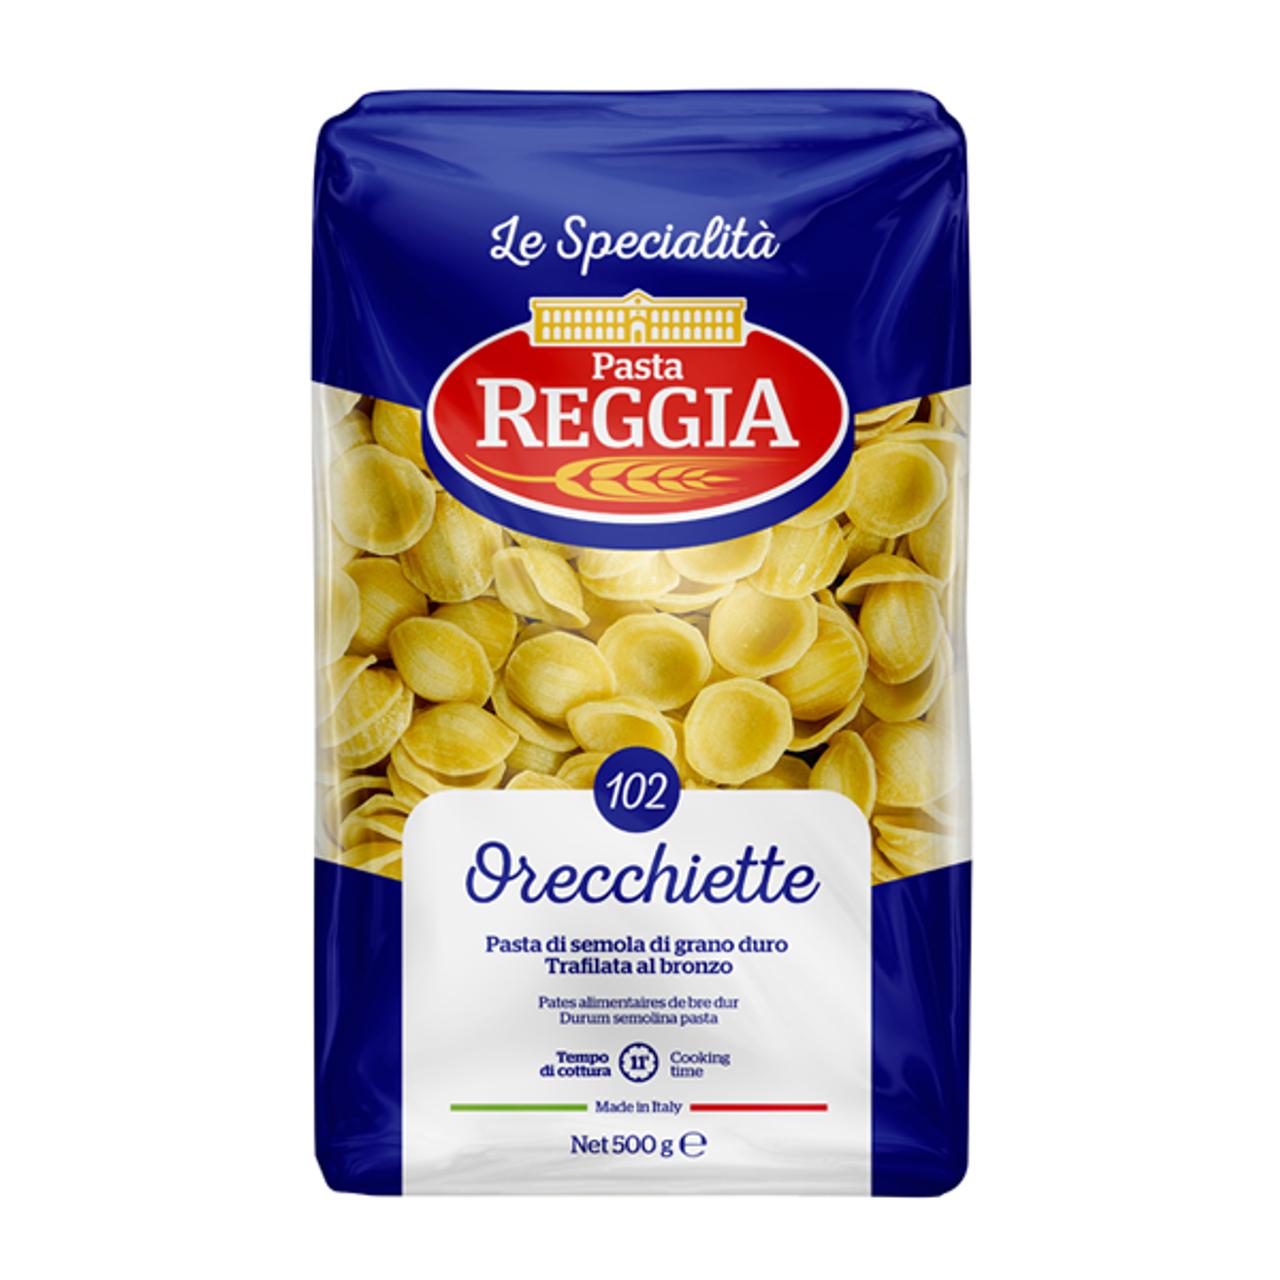 REGGIA PASTA ORECCHIETTE 500g